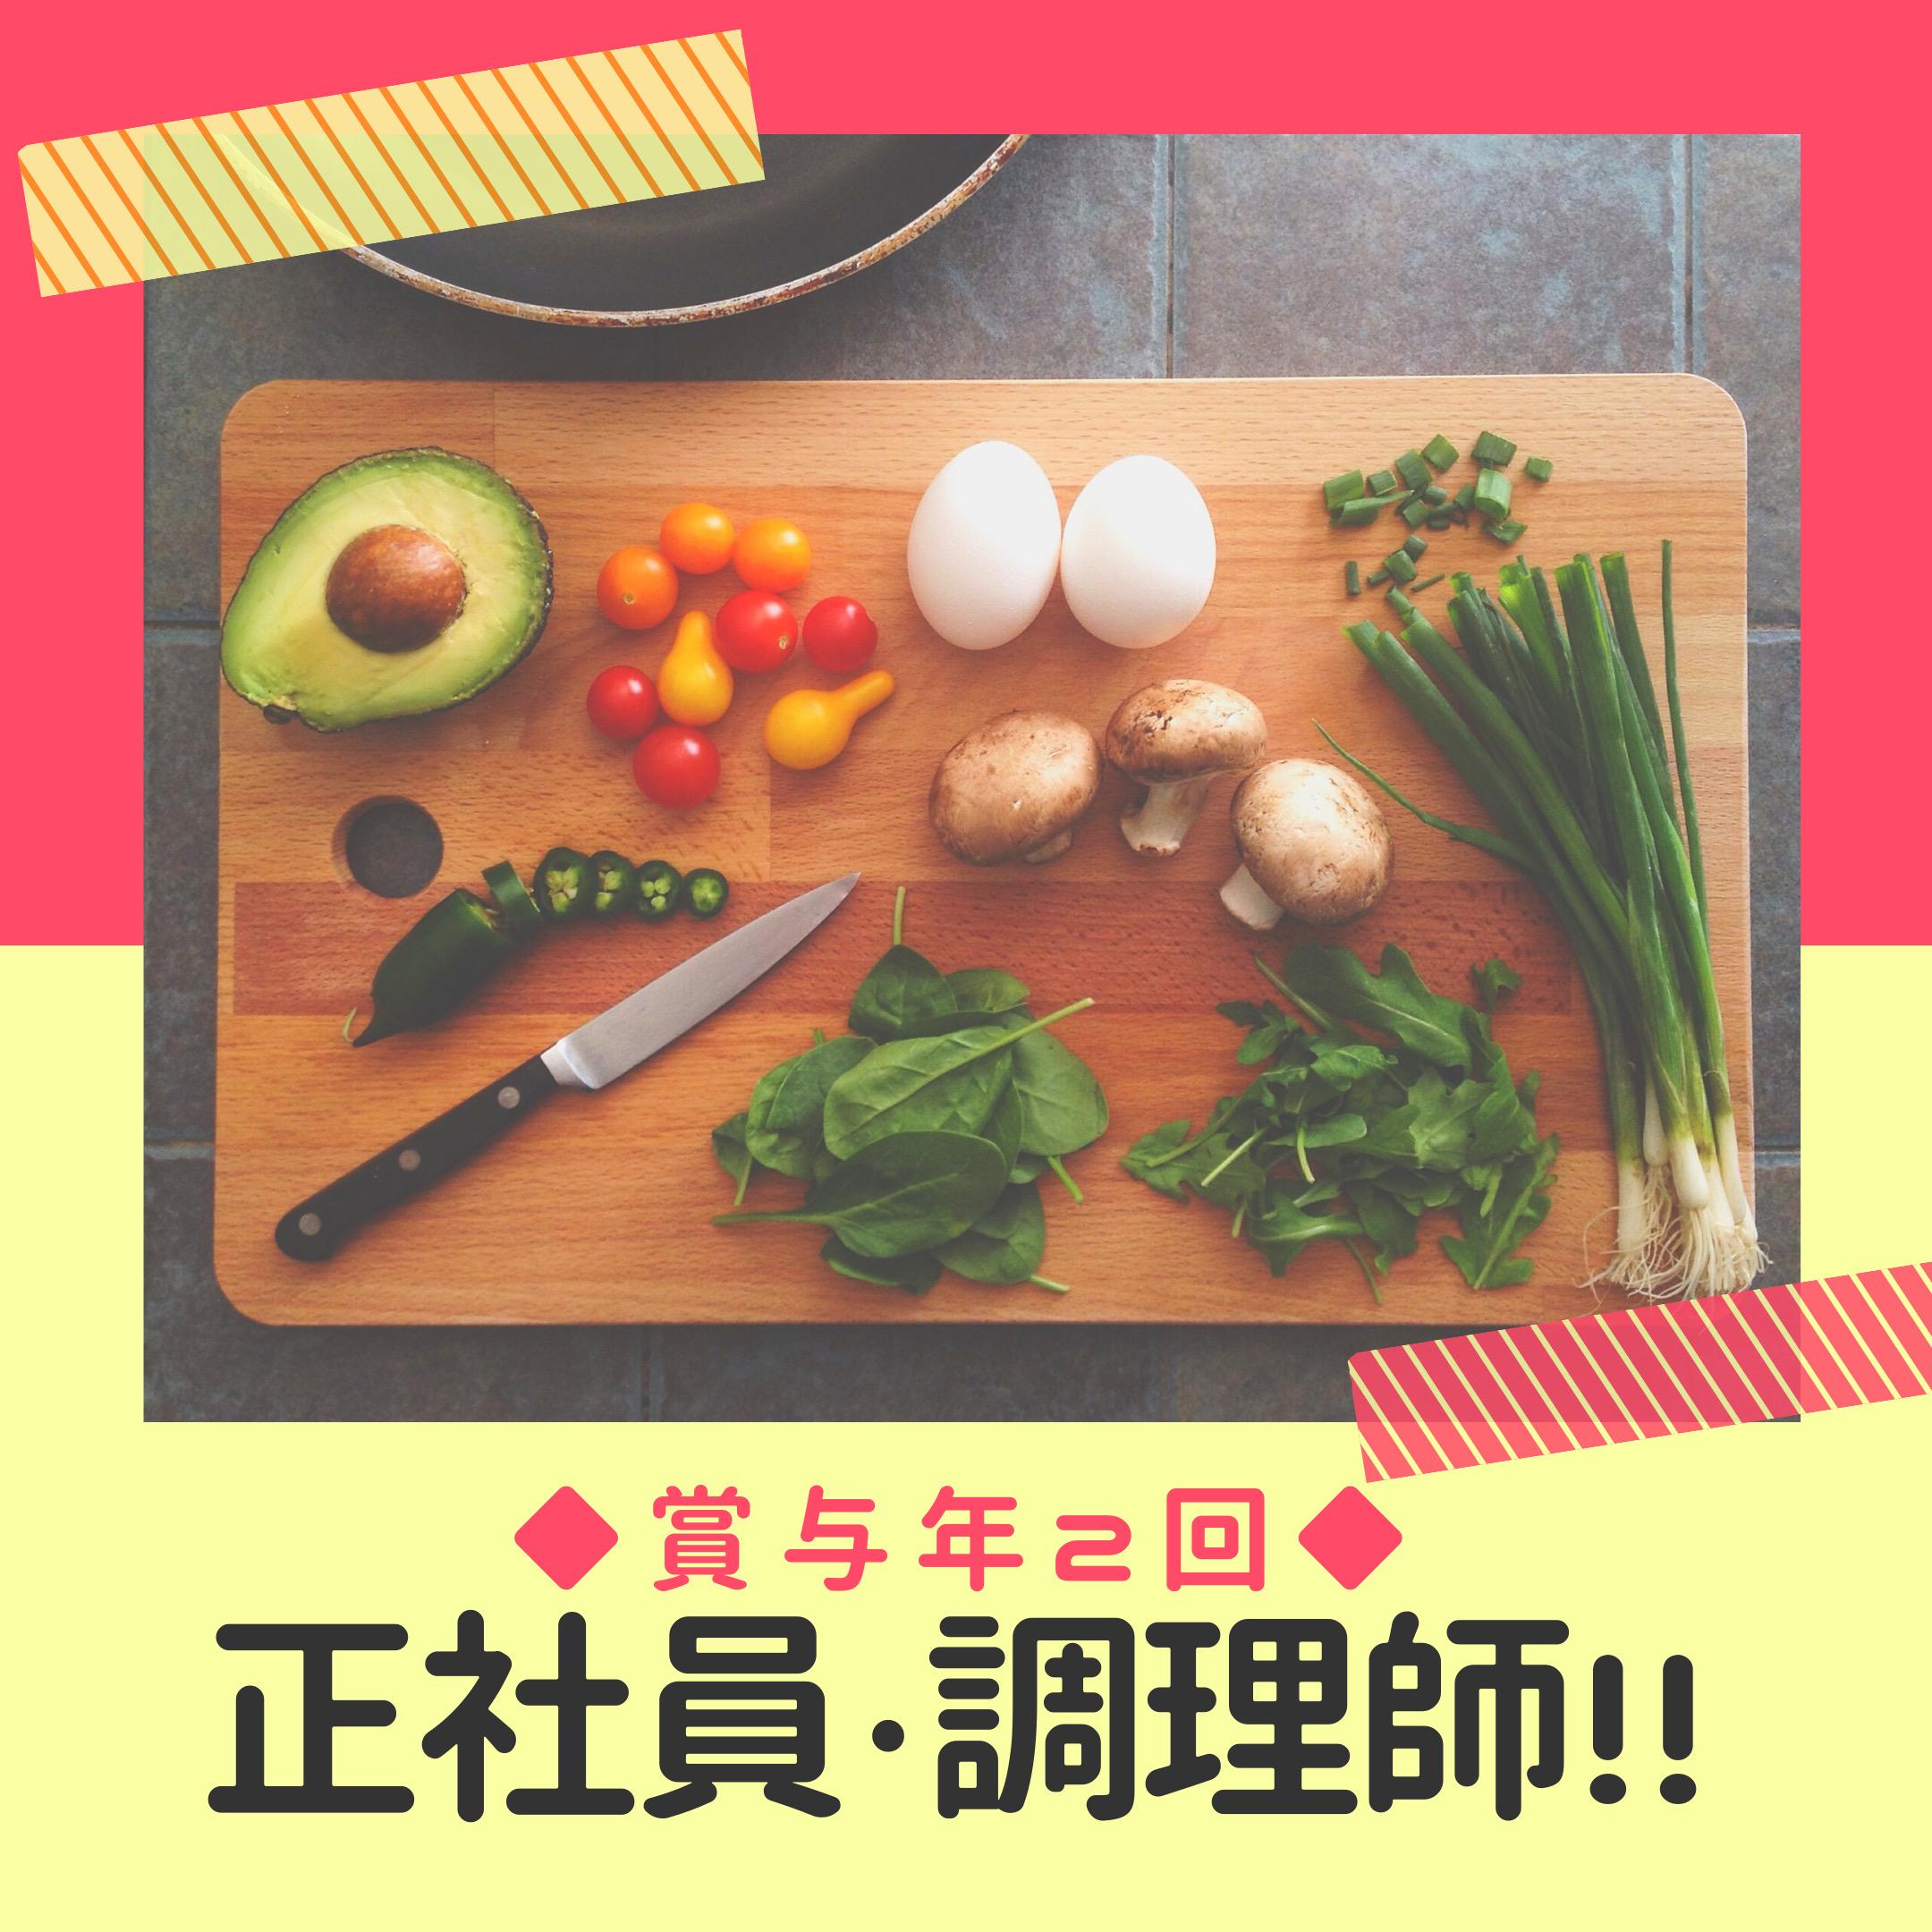 【夜勤帯調理師募集!!】食事補助あり♪☆年間休日110日でプライベートも充実! イメージ